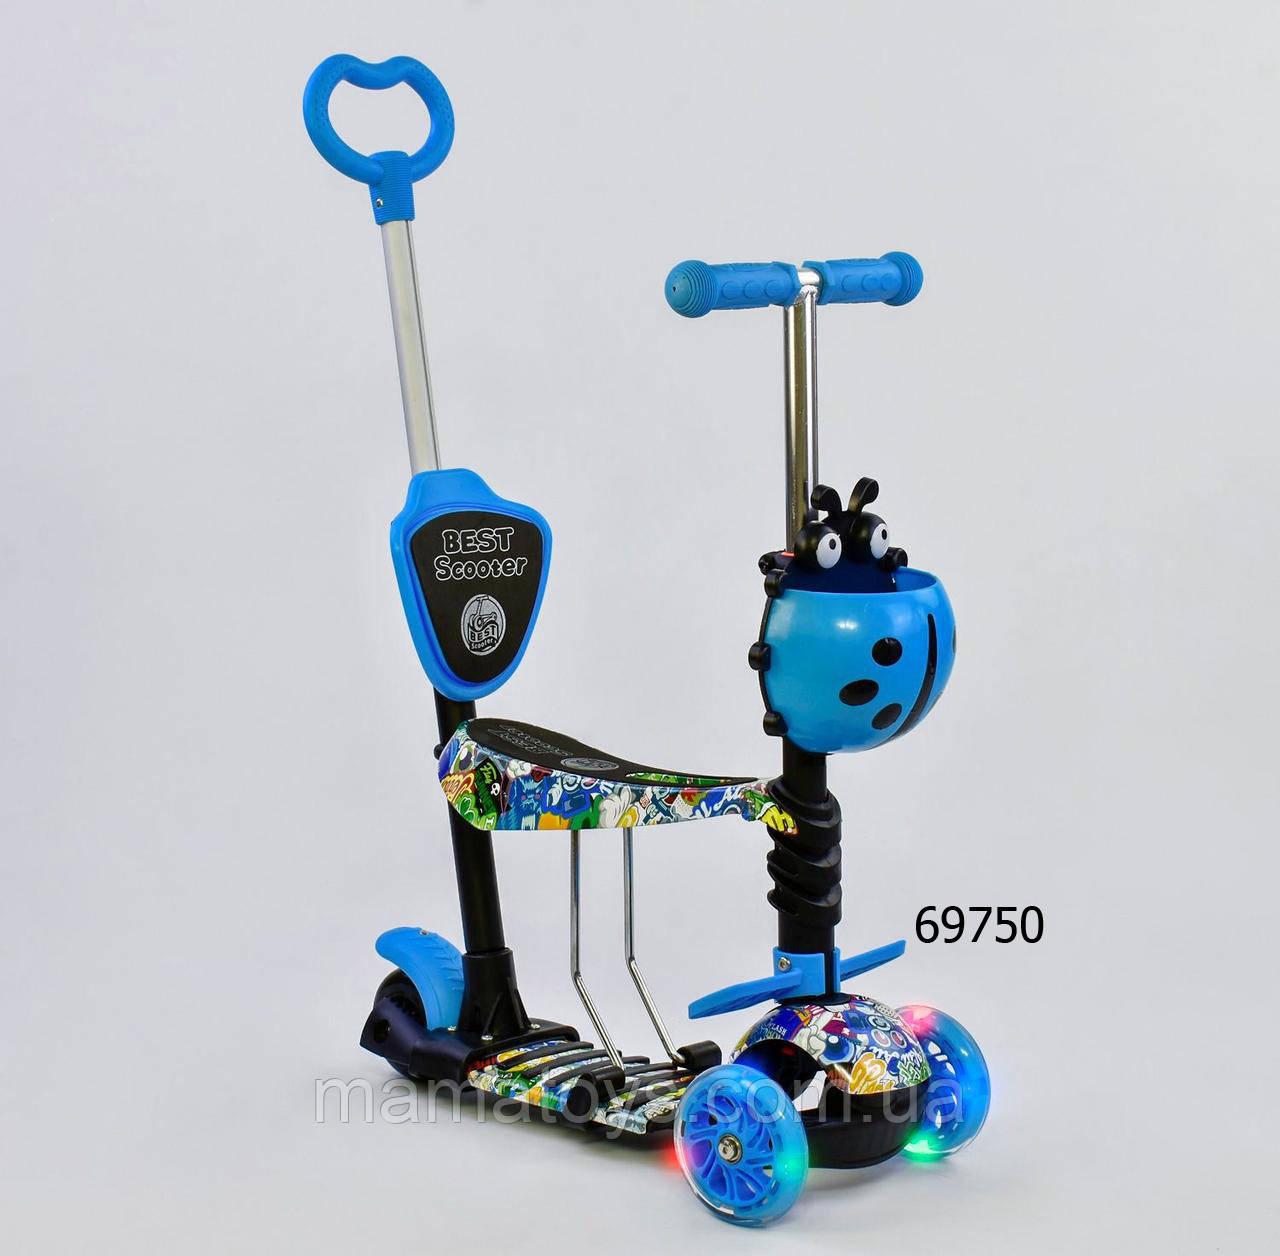 Детский Самокат беговел Best Scooter 69750 Голубой 5 в 1 толокар с Родительской ручкой, Абстракция Свет колес